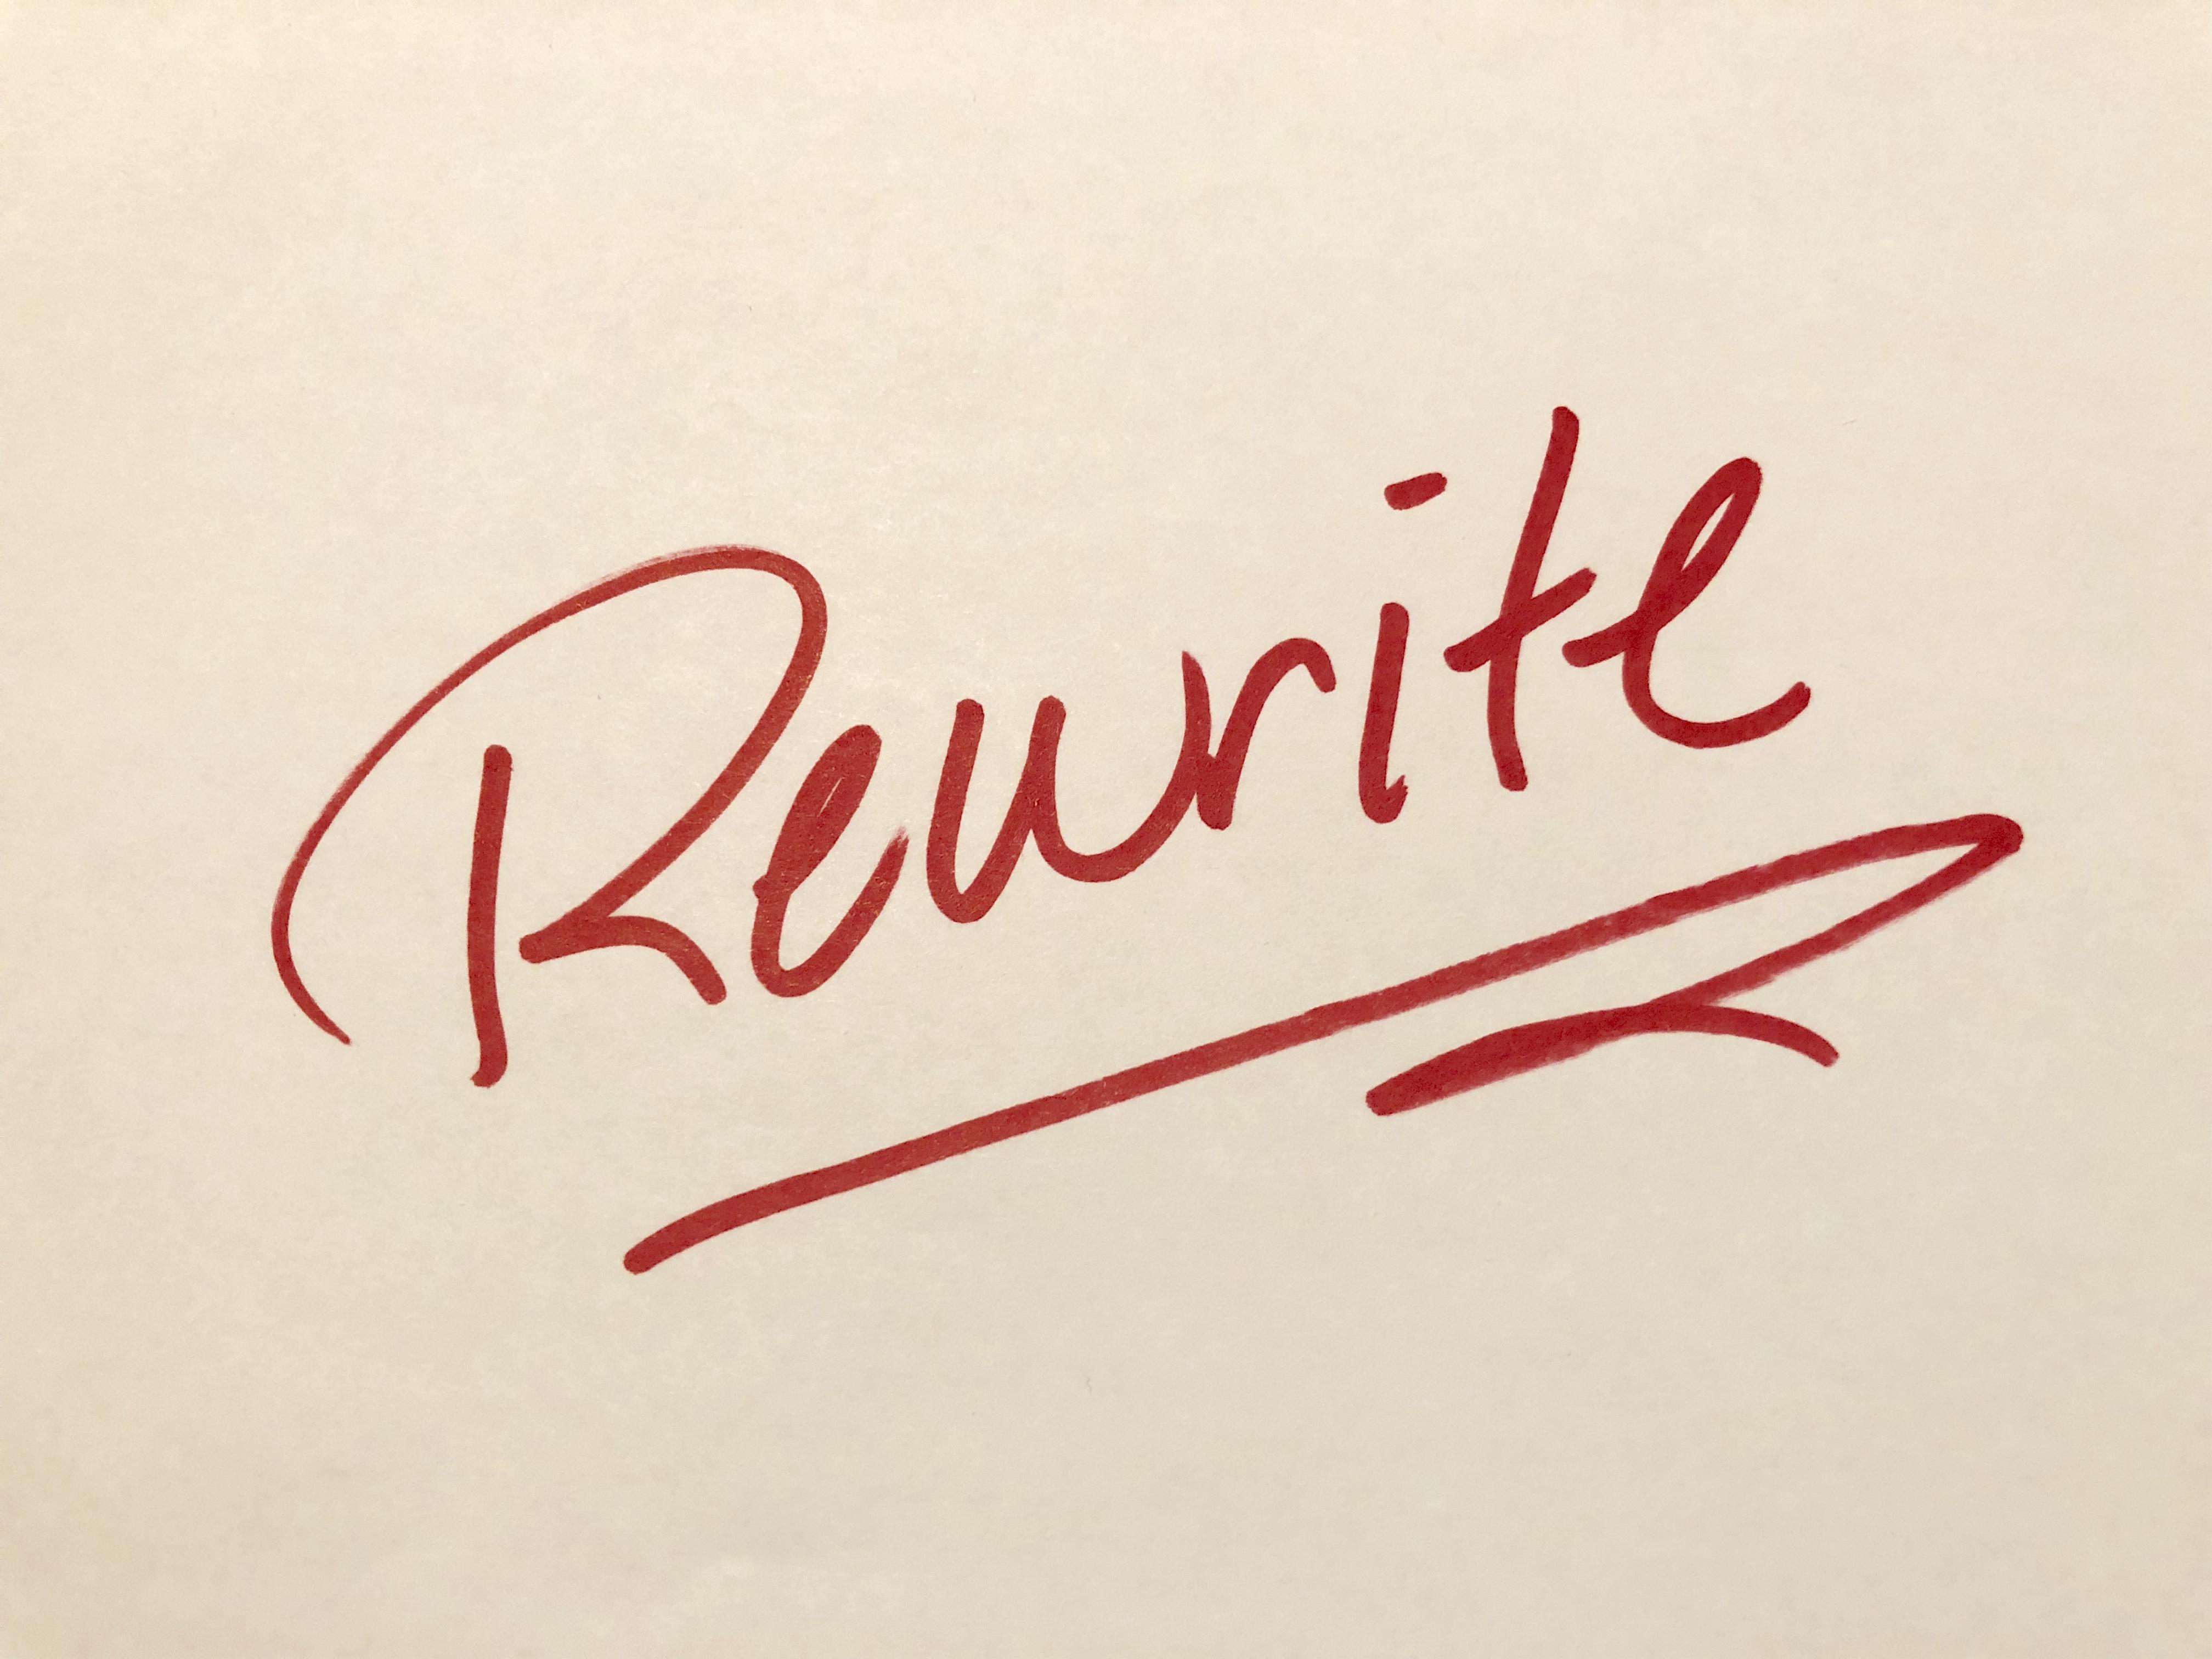 rewrite my words